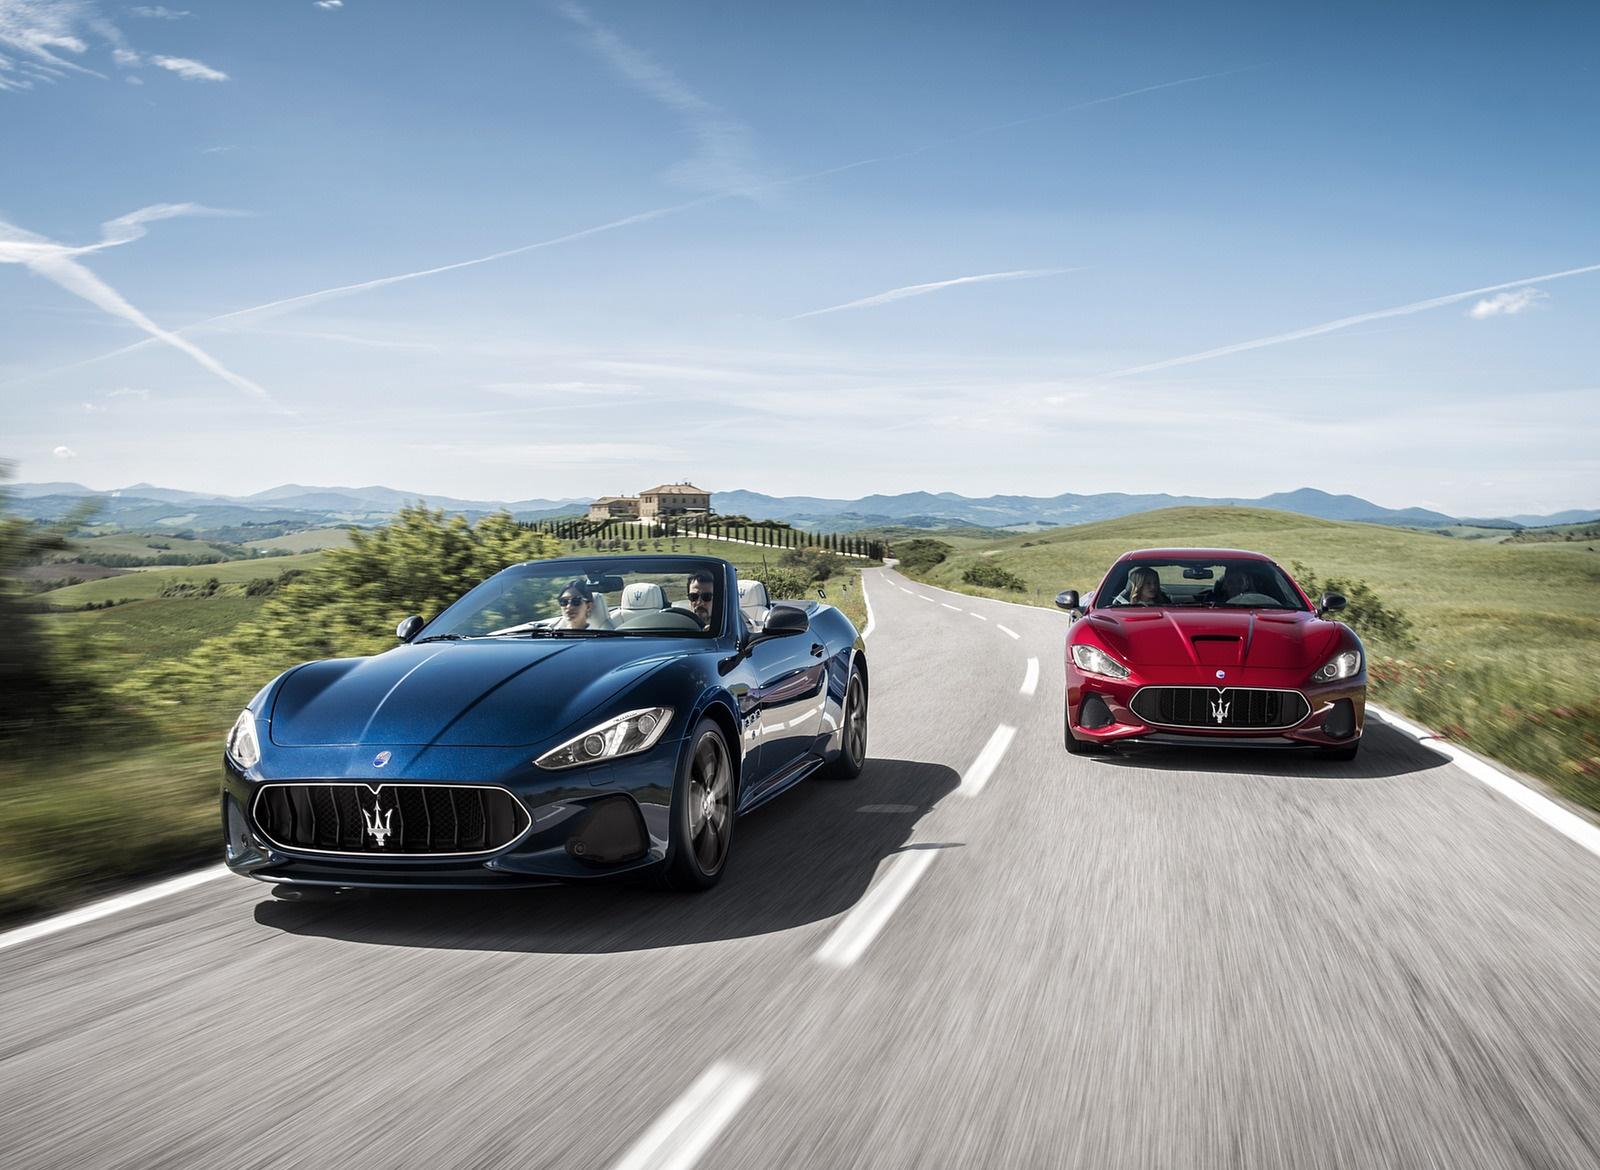 2018 Maserati GranTurismo MC Sport Line and GranCabrio Wallpapers (2)